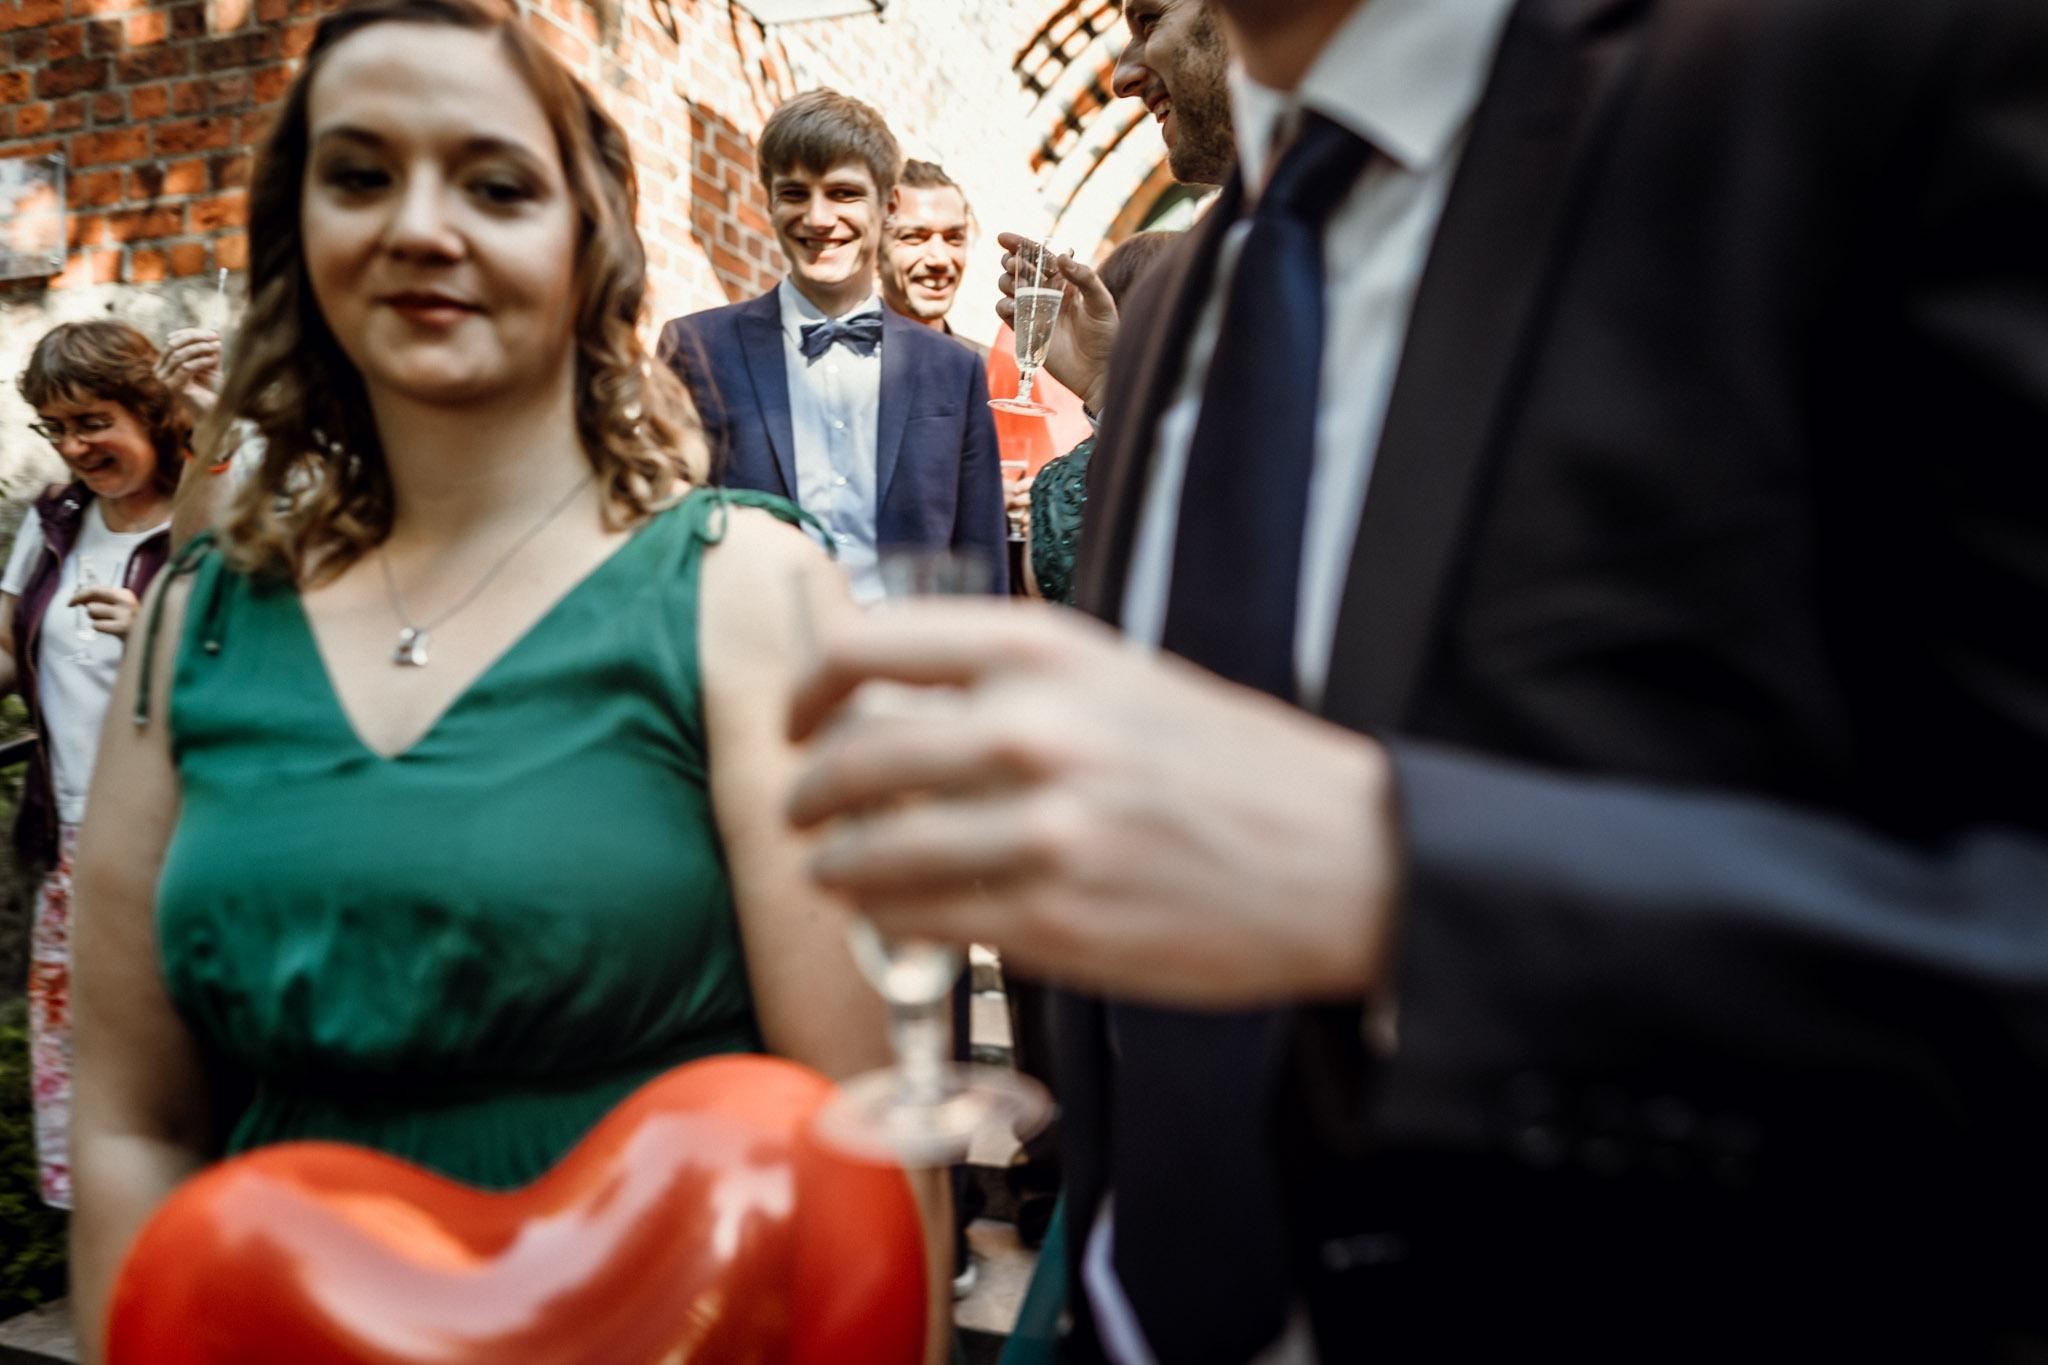 Sven Schomburg Hochzeitsfotografie, Hamburg, Mölln, Hochzeitsfieber by Photo-Schomburg, Hochzeitsreportage, Forsthaus Waldhusen, Braut, Bräutigam-49